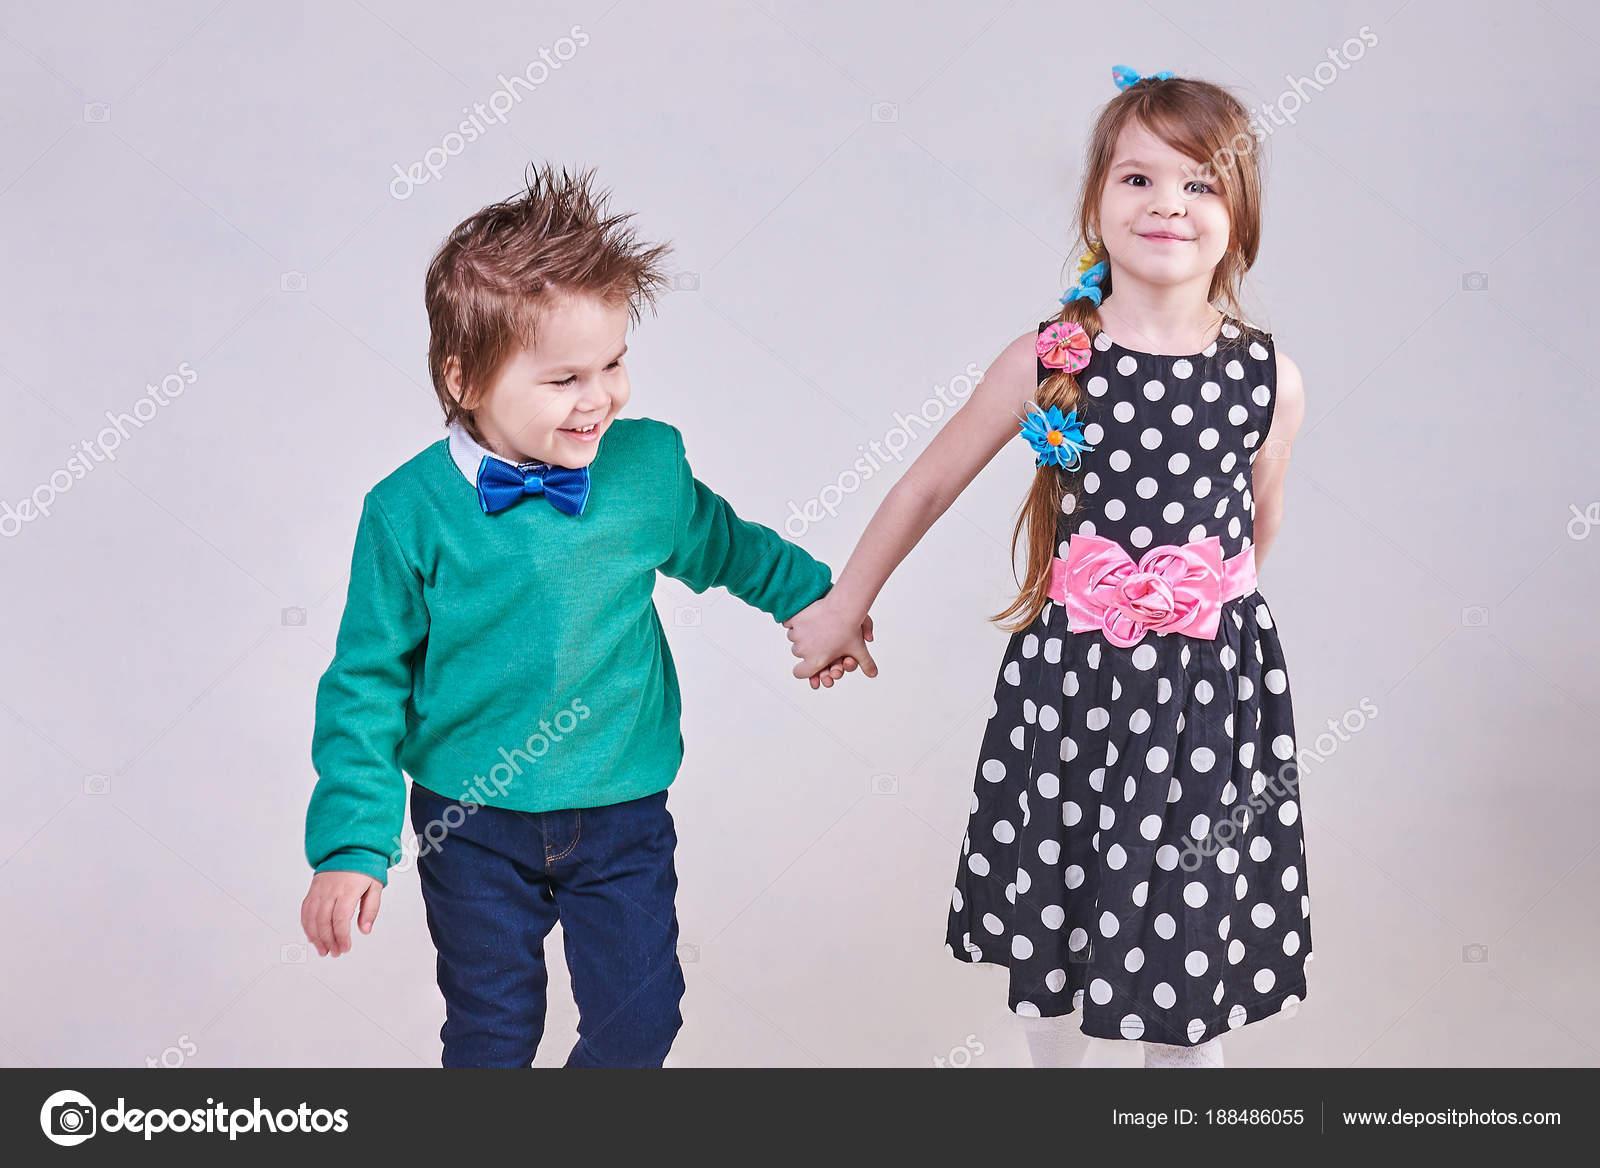 Fonds decran Garçon Petites filles Deux Sourire Les robes